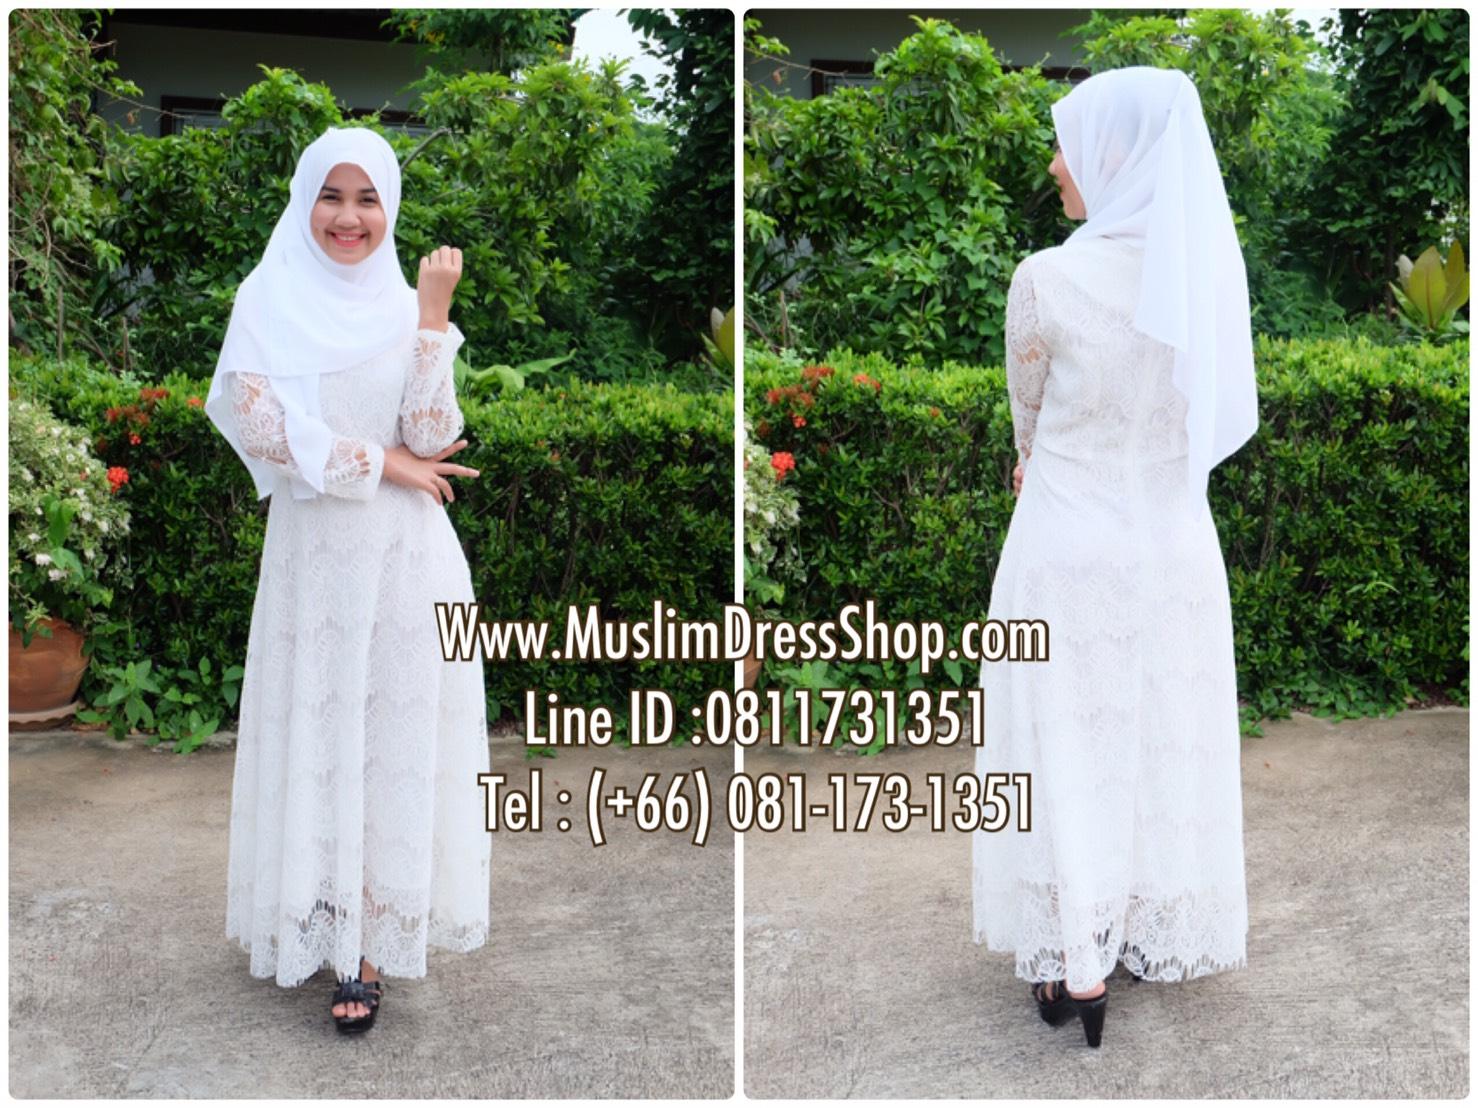 ชุดเดรสยาวลูกไม้ ชุดเดรสลูกไม้สวยหวาน MuslimDressShop by HaRiThah S. จำหน่าย เดรสมุสลิมไซส์พิเศษ ชุดมุสลิม, เดรสยาว, เสื้อผ้ามุสลิม, ชุดอิสลาม, ชุดอาบายะ. ชุดมุสลิมสวยๆ เสื้อผ้าแฟชั่นมุสลิม ชุดมุสลิมออกงาน ชุดมุสลิมสวยๆ ชุด มุสลิม สวย ๆ ชุด มุสลิม ผู้หญิง ชุดมุสลิม ชุดมุสลิมหญิง ชุด มุสลิม หญิง ชุด มุสลิม หญิง เสื้อผ้ามุสลิม ชุดไปงานมุสลิม ชุดมุสลิม แฟชั่น สินค้าแฟชั่นมุสลิมเสื้อผ้าเดรสมุสลิมสวยๆงามๆ ... เดรสมุสลิม แฟชั่นมุสลิม, เดเดรสมุสลิม, เสื้ออิสลาม,เดรสใส่รายอ แฟชั่นมุสลิม ชุดมุสลิมสวยๆ จำหน่ายผ้าคลุมฮิญาบ ฮิญาบแฟชั่น เดรสมุสลิม แฟชั่นมุสลิแฟชั่นมุสลิม ชุดมุสลิมสวยๆ เสื้อผ้ามุสลิม แฟชั่นเสื้อผ้ามุสลิม เสื้อผ้ามุสลิมะฮ์ ผ้าคลุมหัวมุสลิม ร้านเสื้อผ้ามุสลิม แหล่งขายเสื้อผ้ามุสลิม เสื้อผ้าแฟชั่นมุสลิม แม็กซี่เดรส ชุดราตรียาว เดรสชายหาด กระโปรงยาว ชุดมุสลิม ชุดเครื่องแต่งกายมุสลิม ชุดมุสลิม เดรส ผ้าคลุม ฮิญาบ ผ้าพัน เดรสยาวอิสลาม -